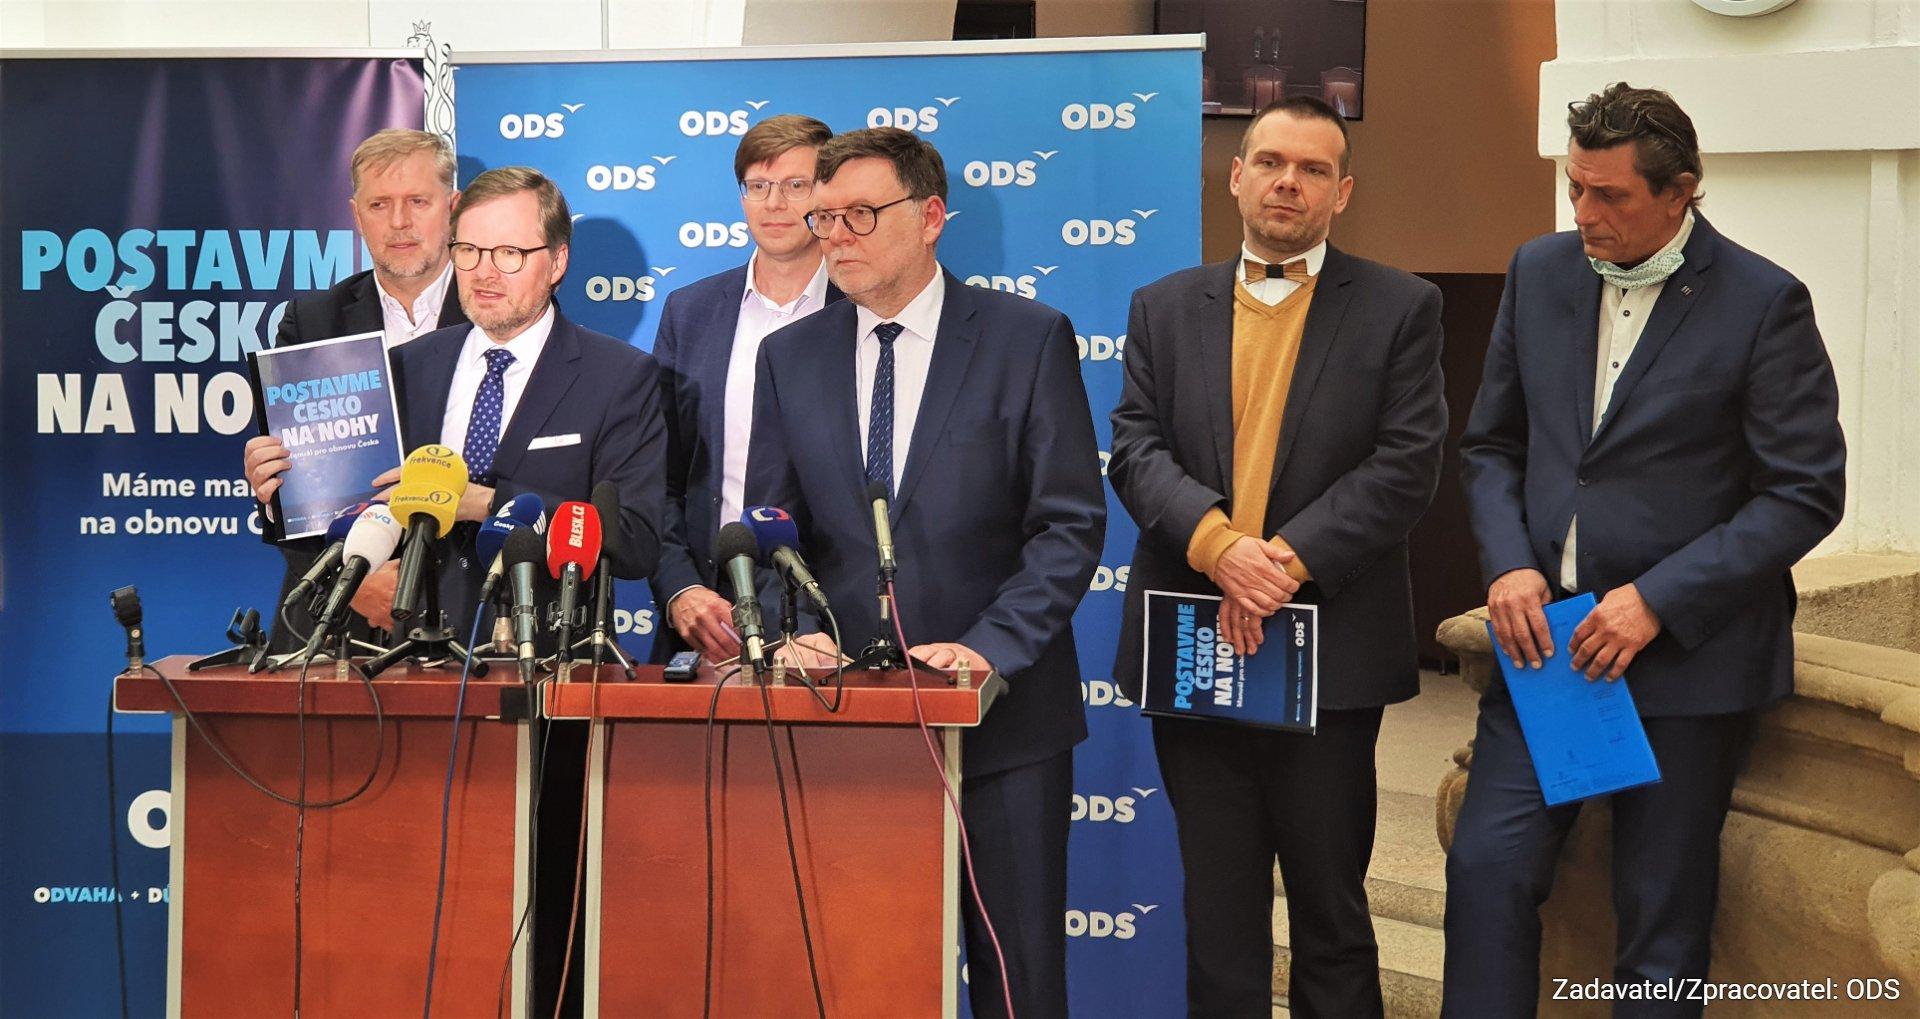 ODS: Postavme Česko na nohy! Máme manuál pro obnovu Česka